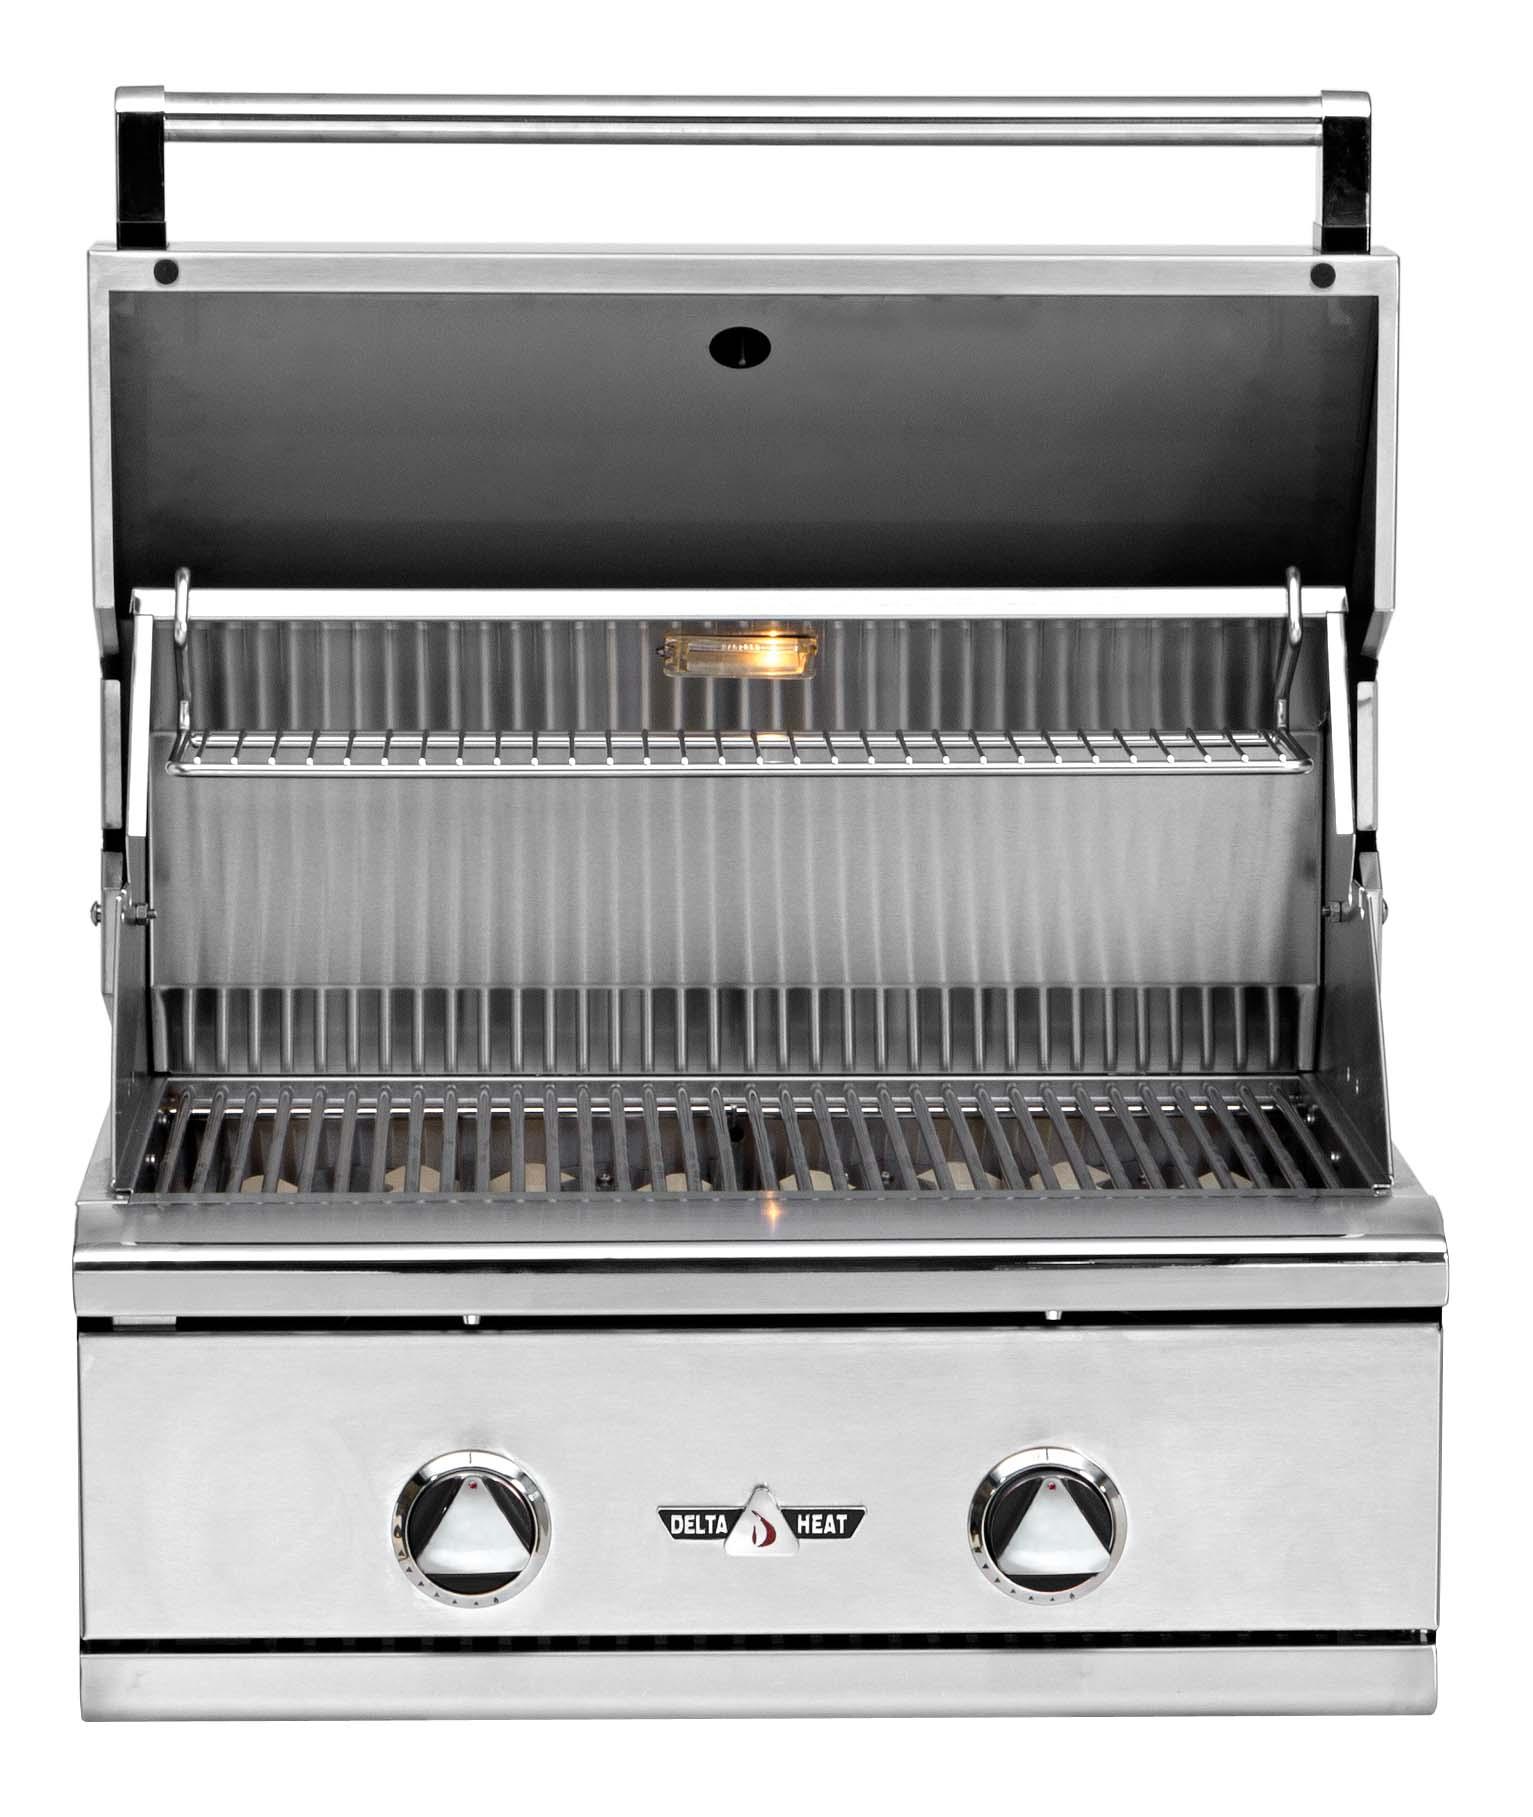 """Delta Heat Premier 26"""" Outdoor Built-In Gas Grill - DHBQ26R- C - Open"""